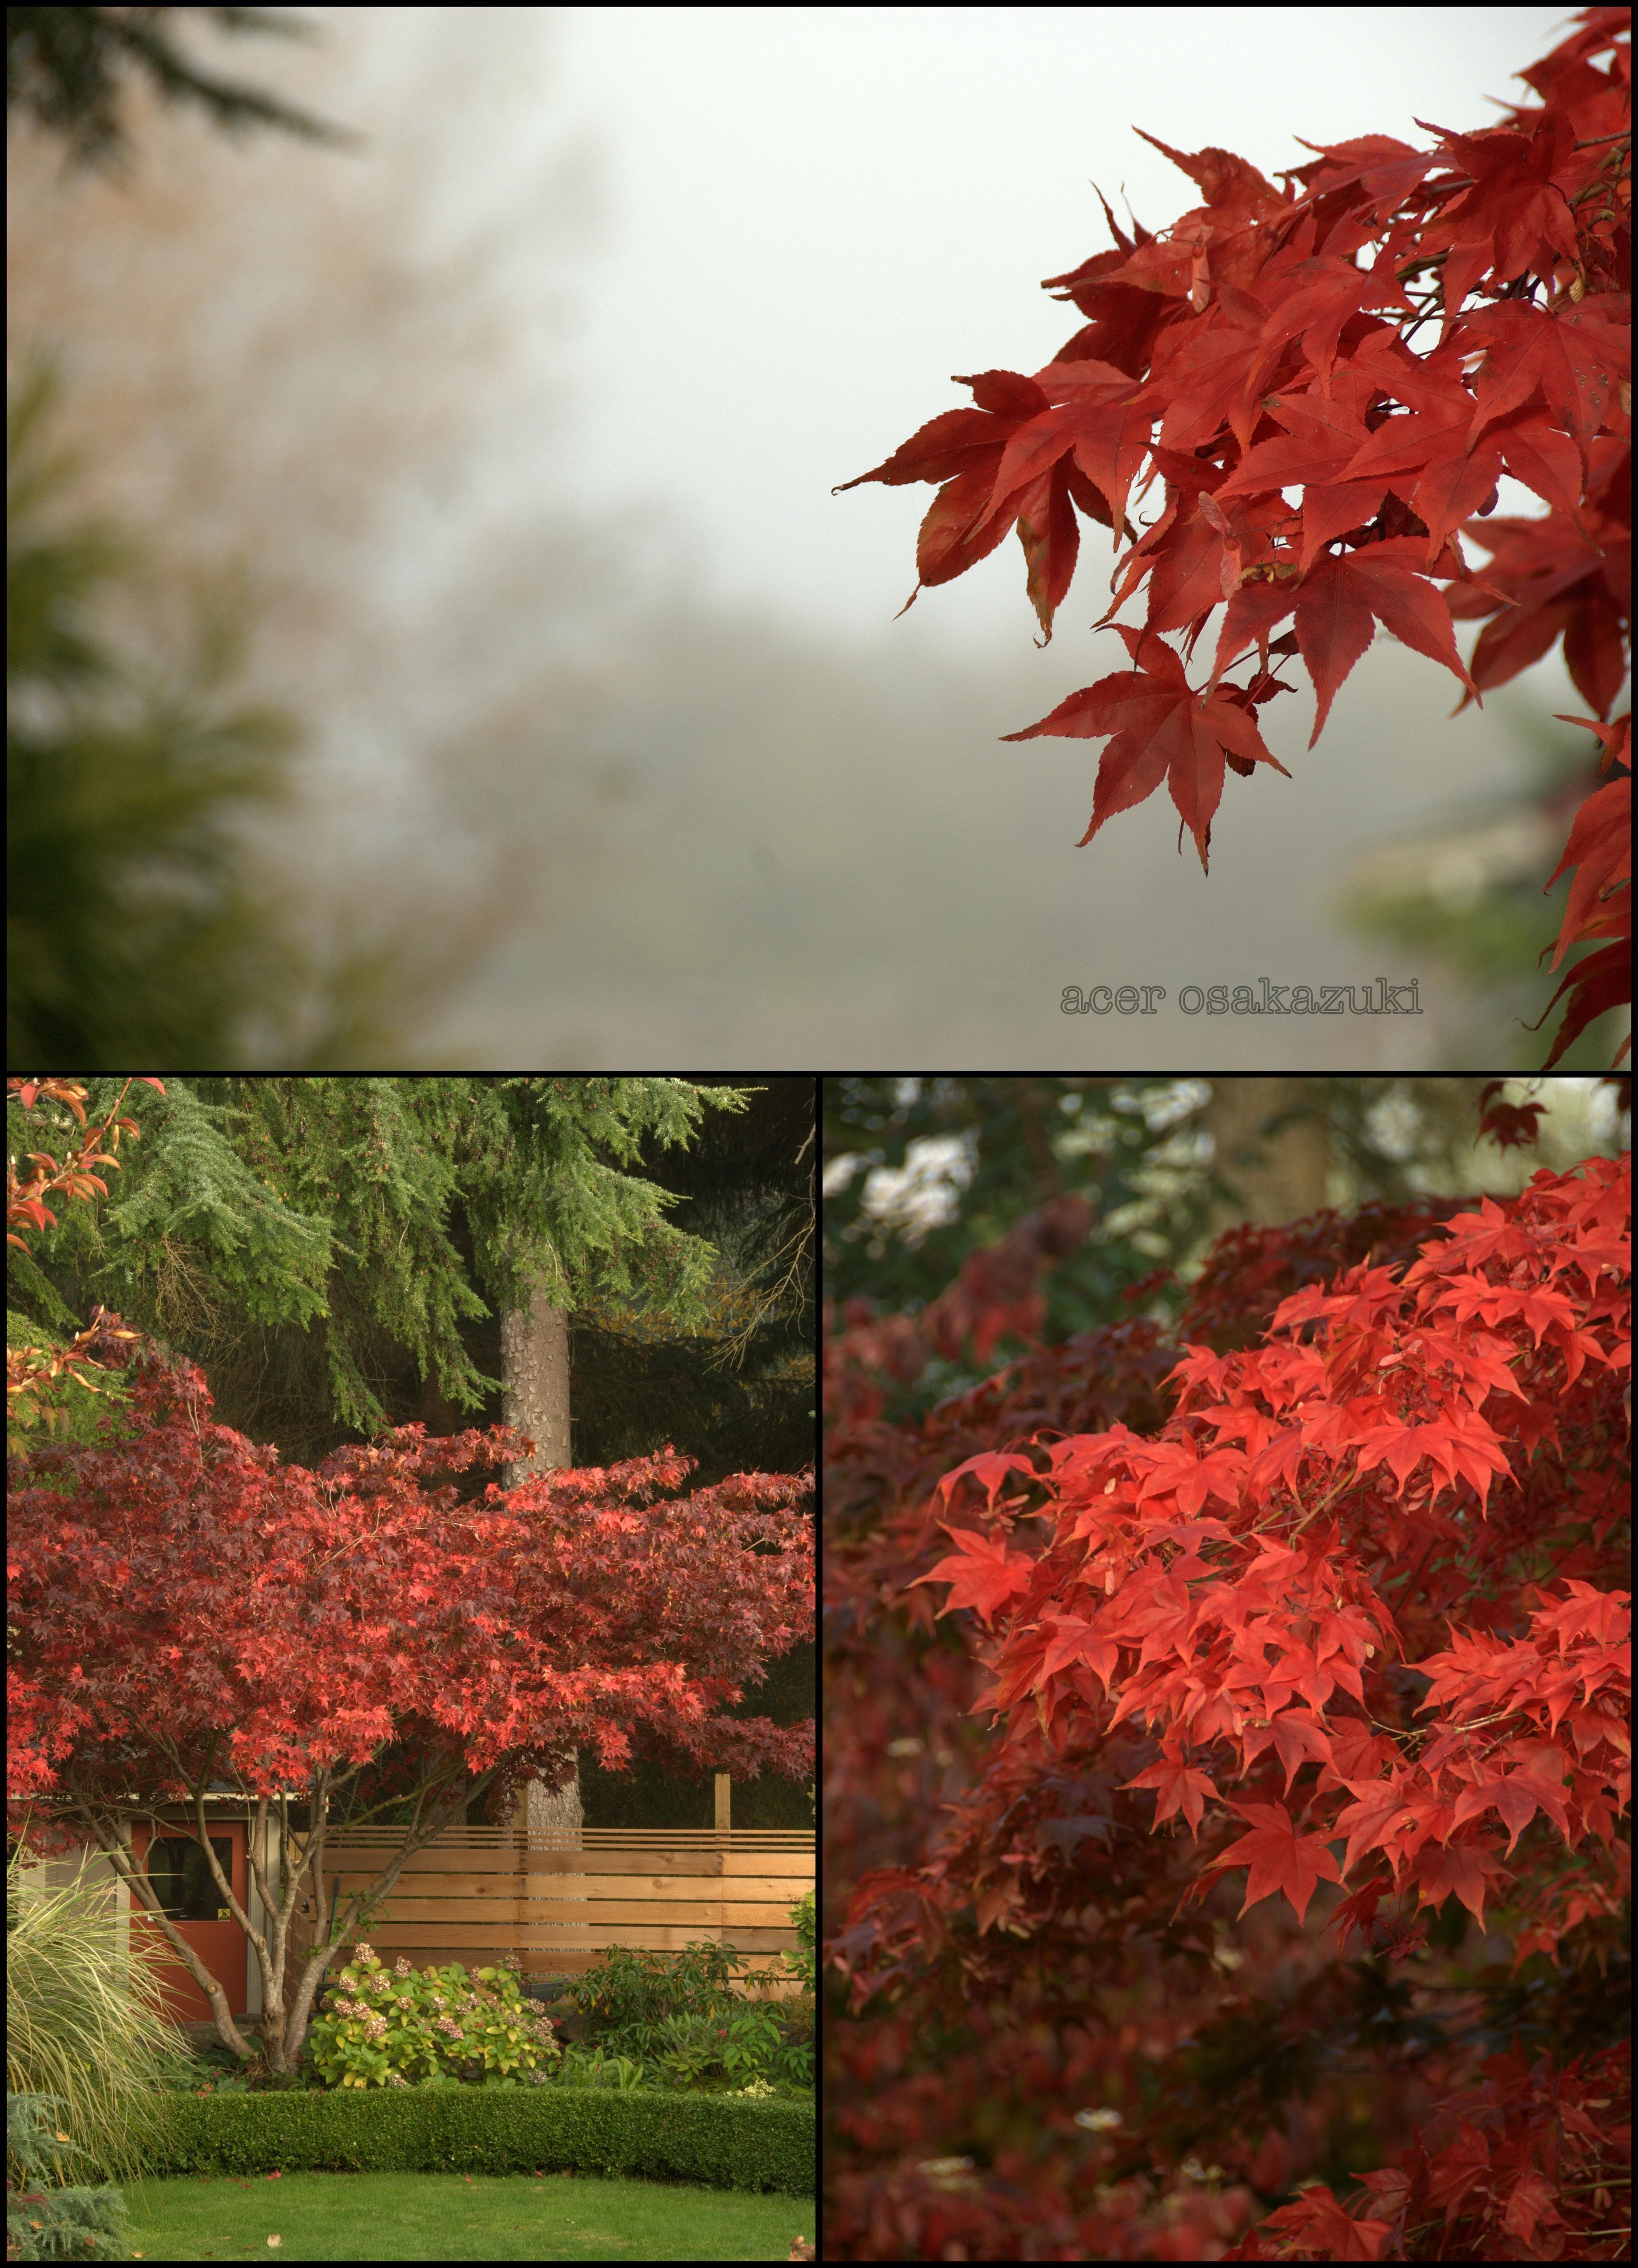 Acer Osakazuki In A Garden